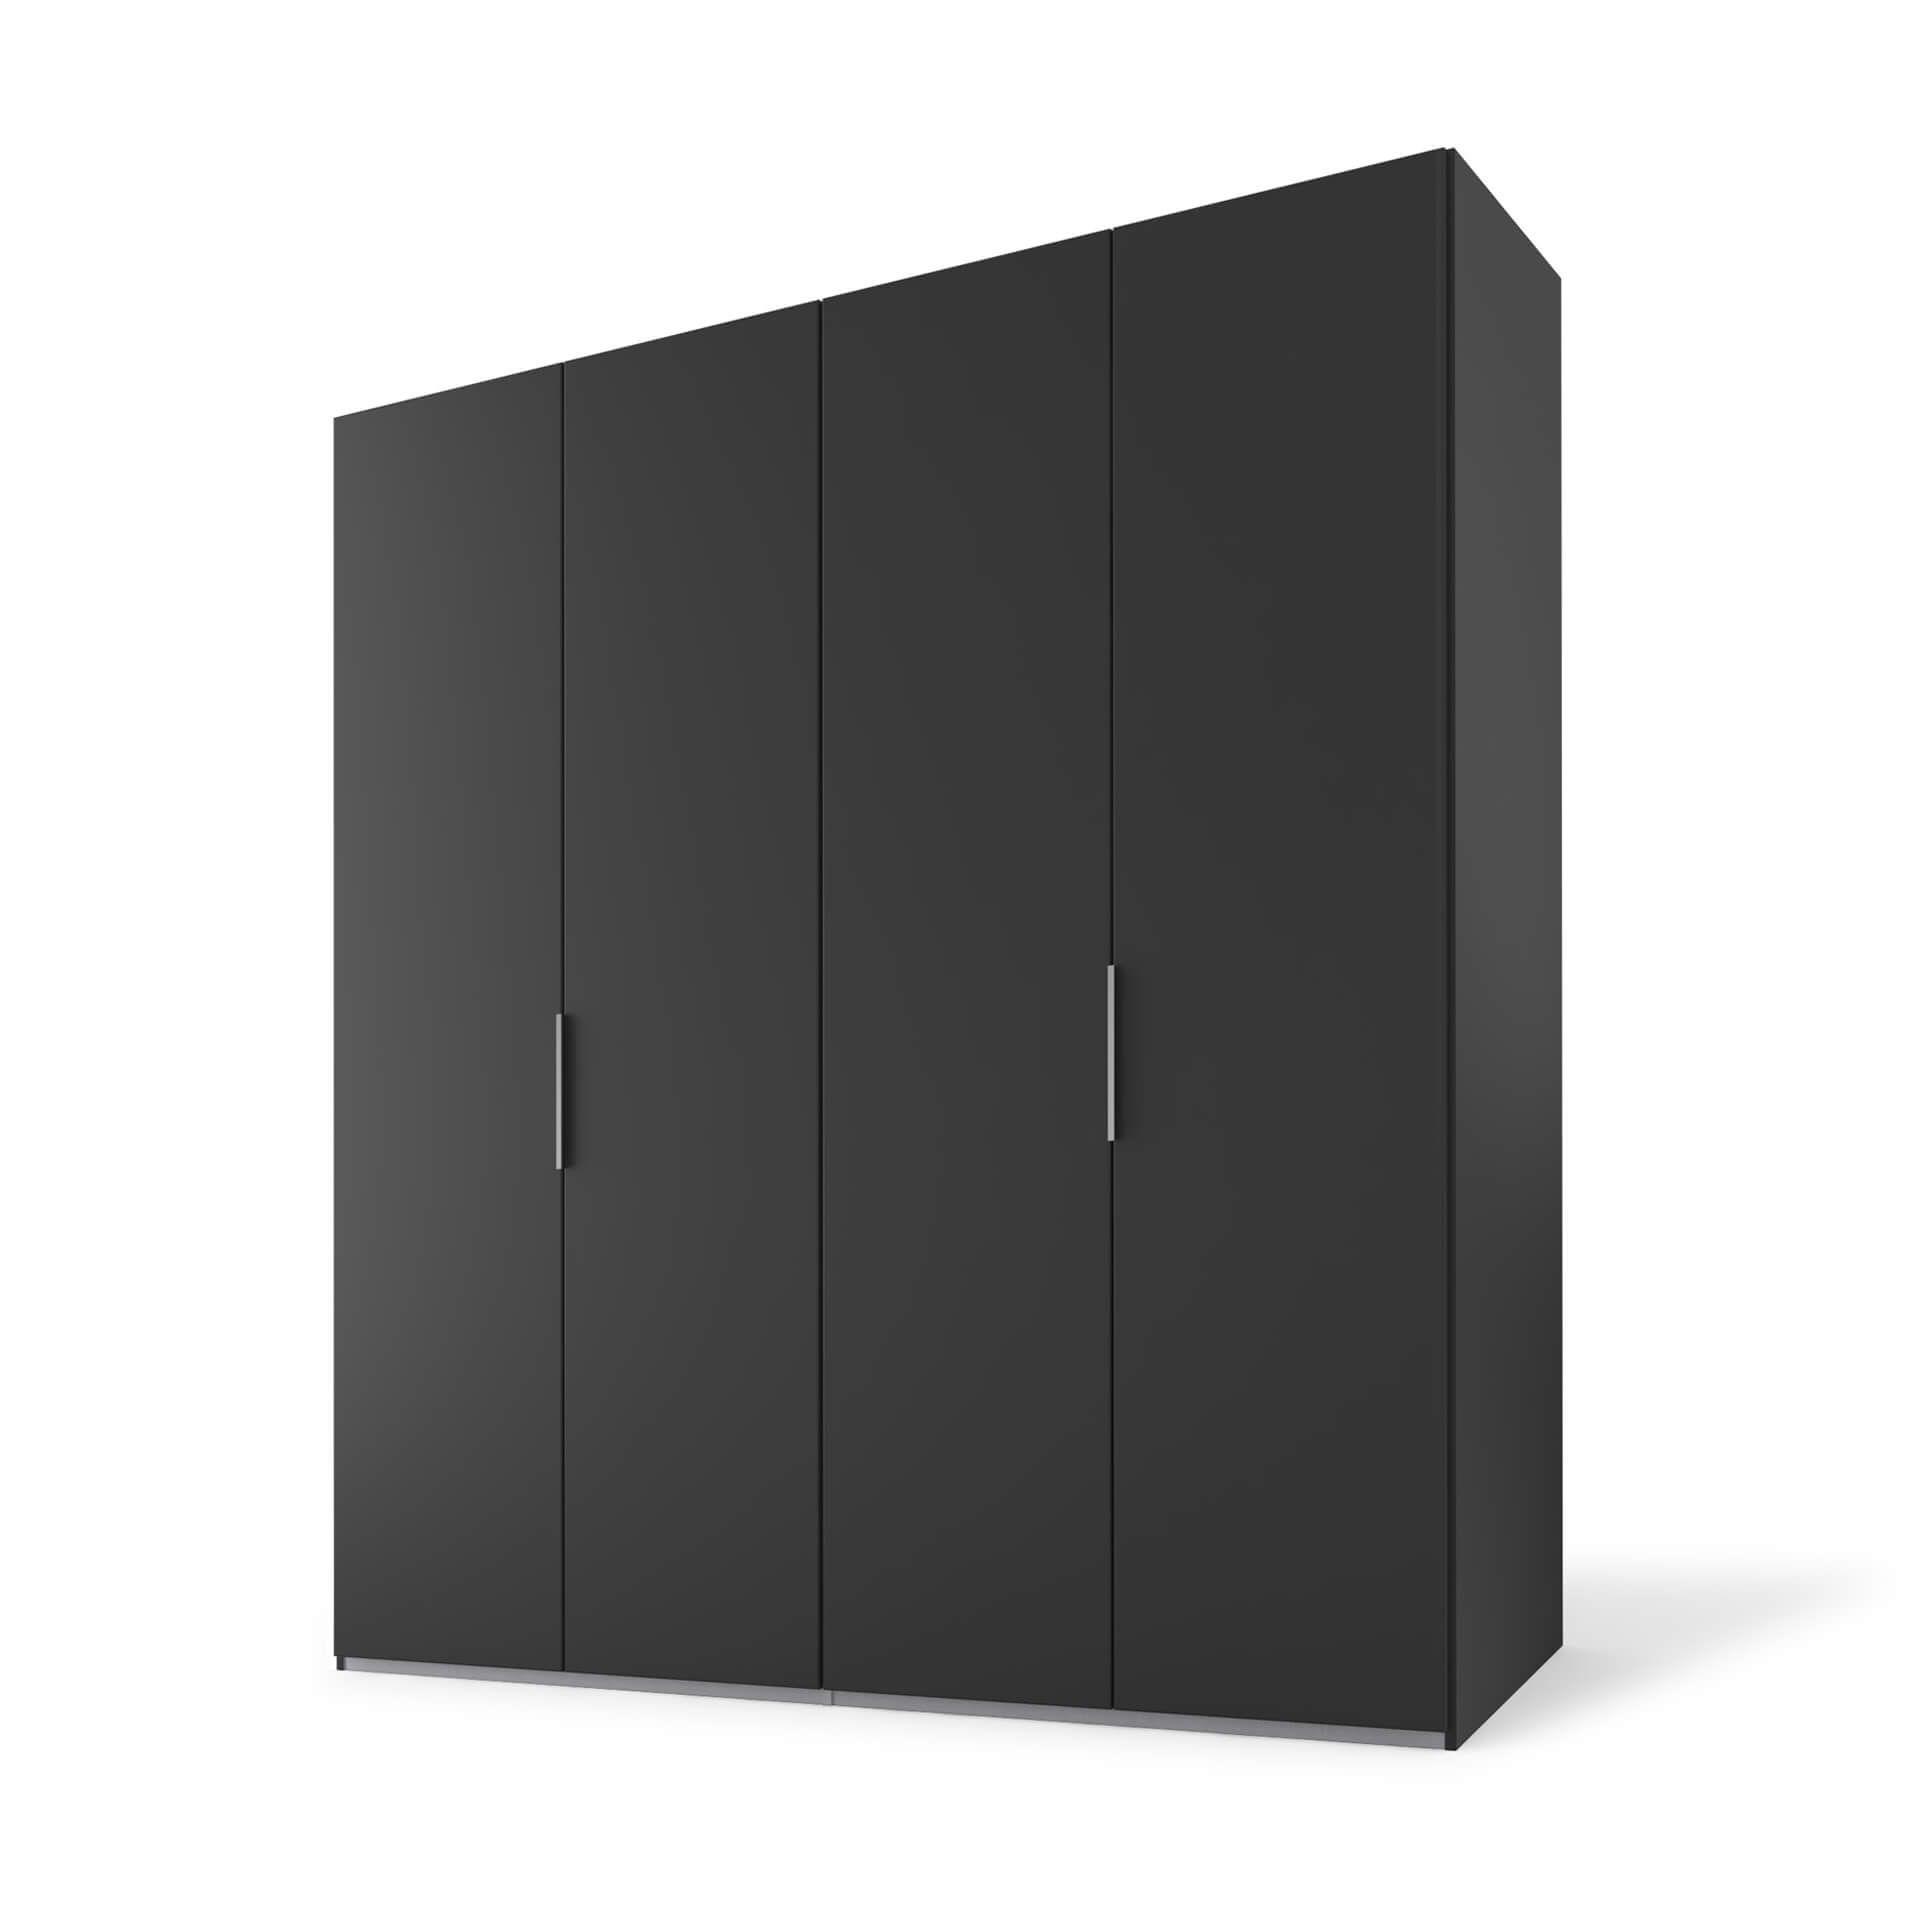 Nolte swift Draaideurkast - 4 deurs Basalt